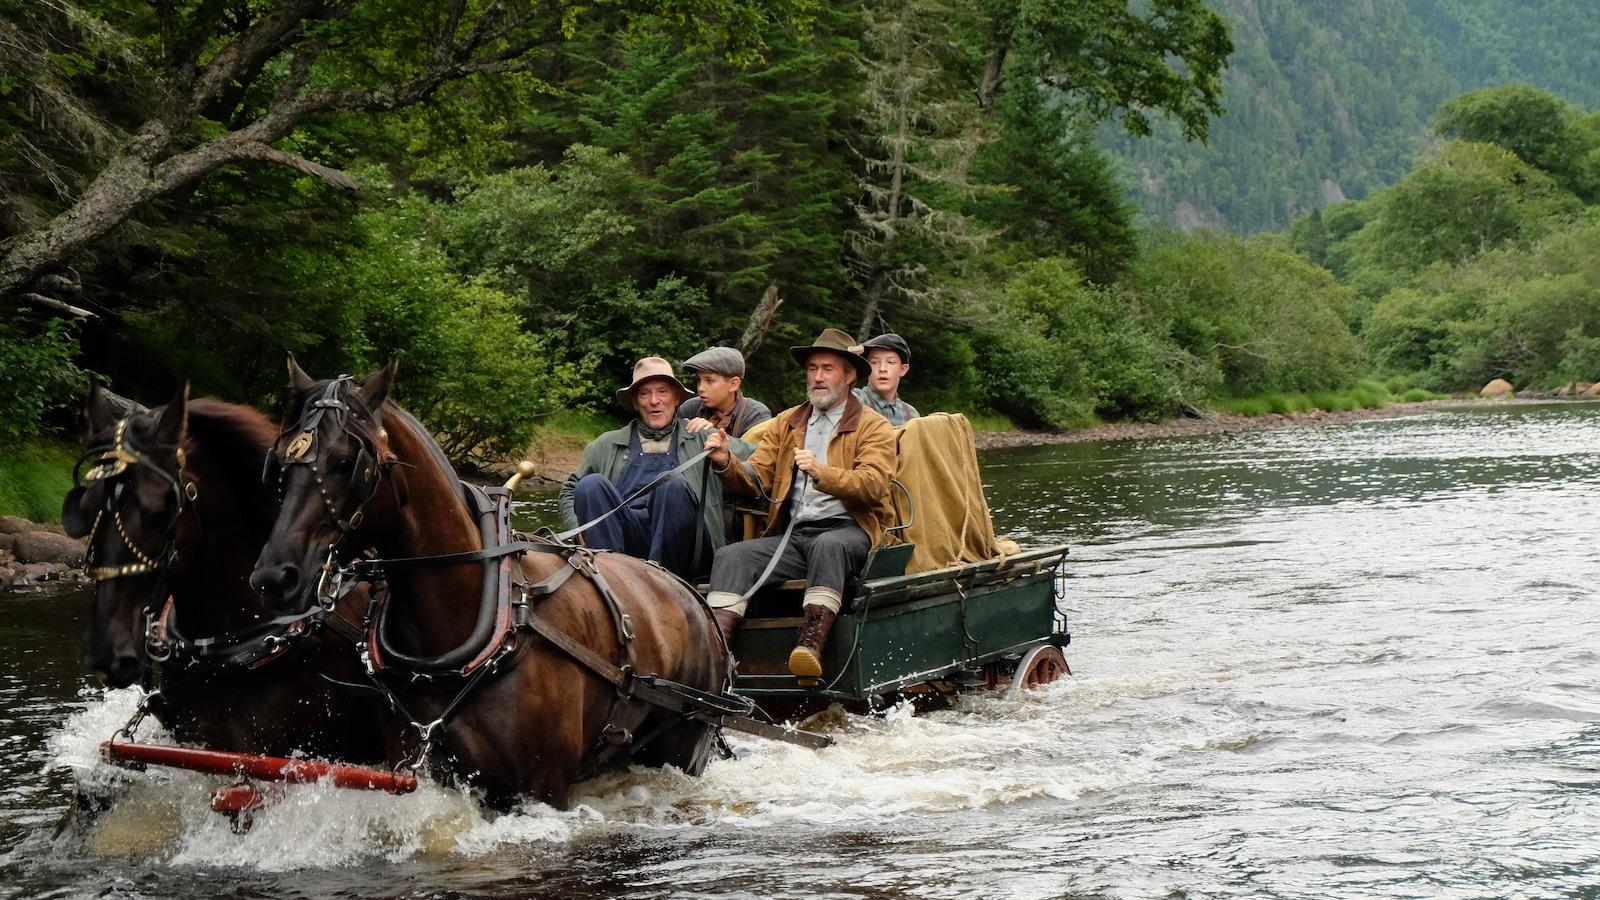 Un groupe d'hommes traversent une rivière en carriole